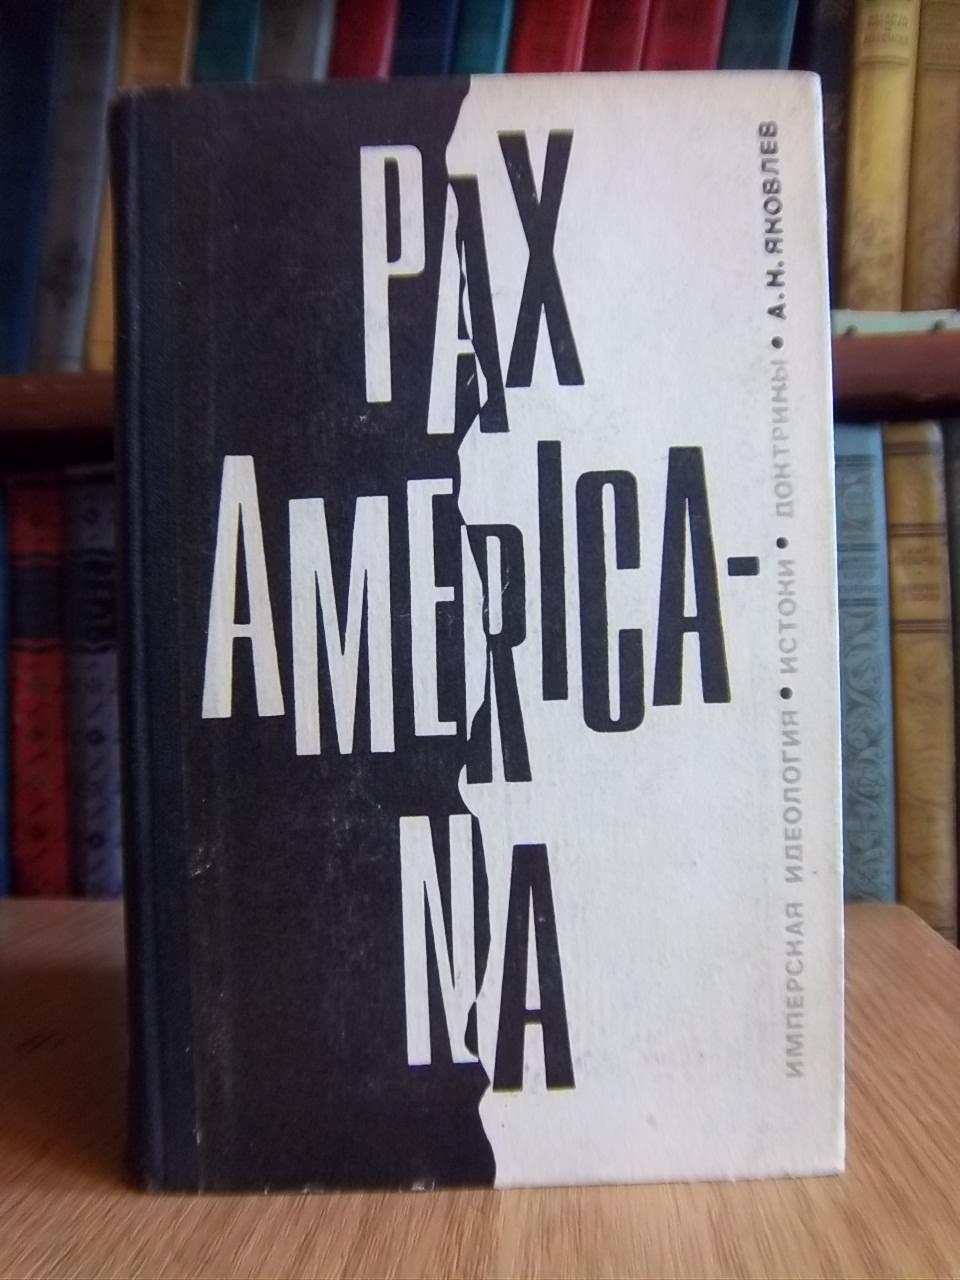 Pax Americana Имперская идеология: истоки, доктрины